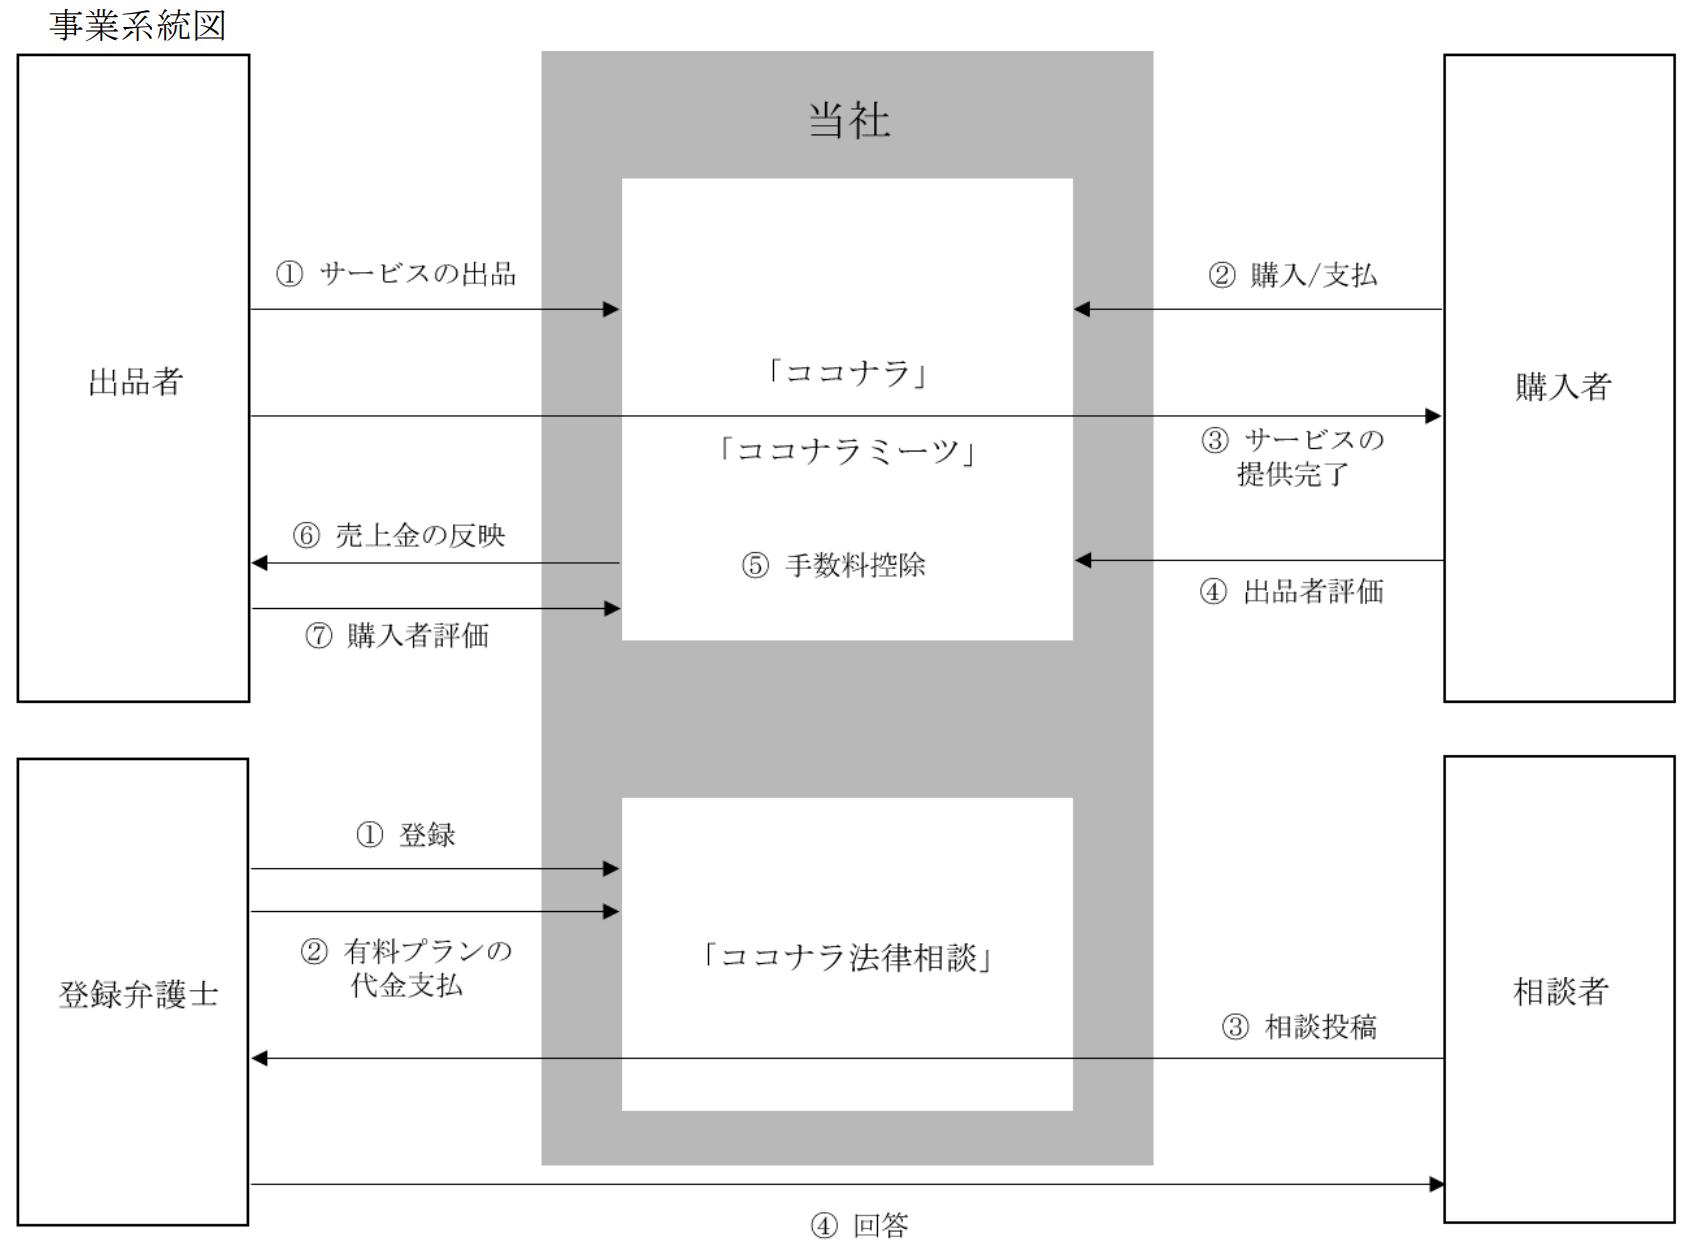 ココナラの事業系統図